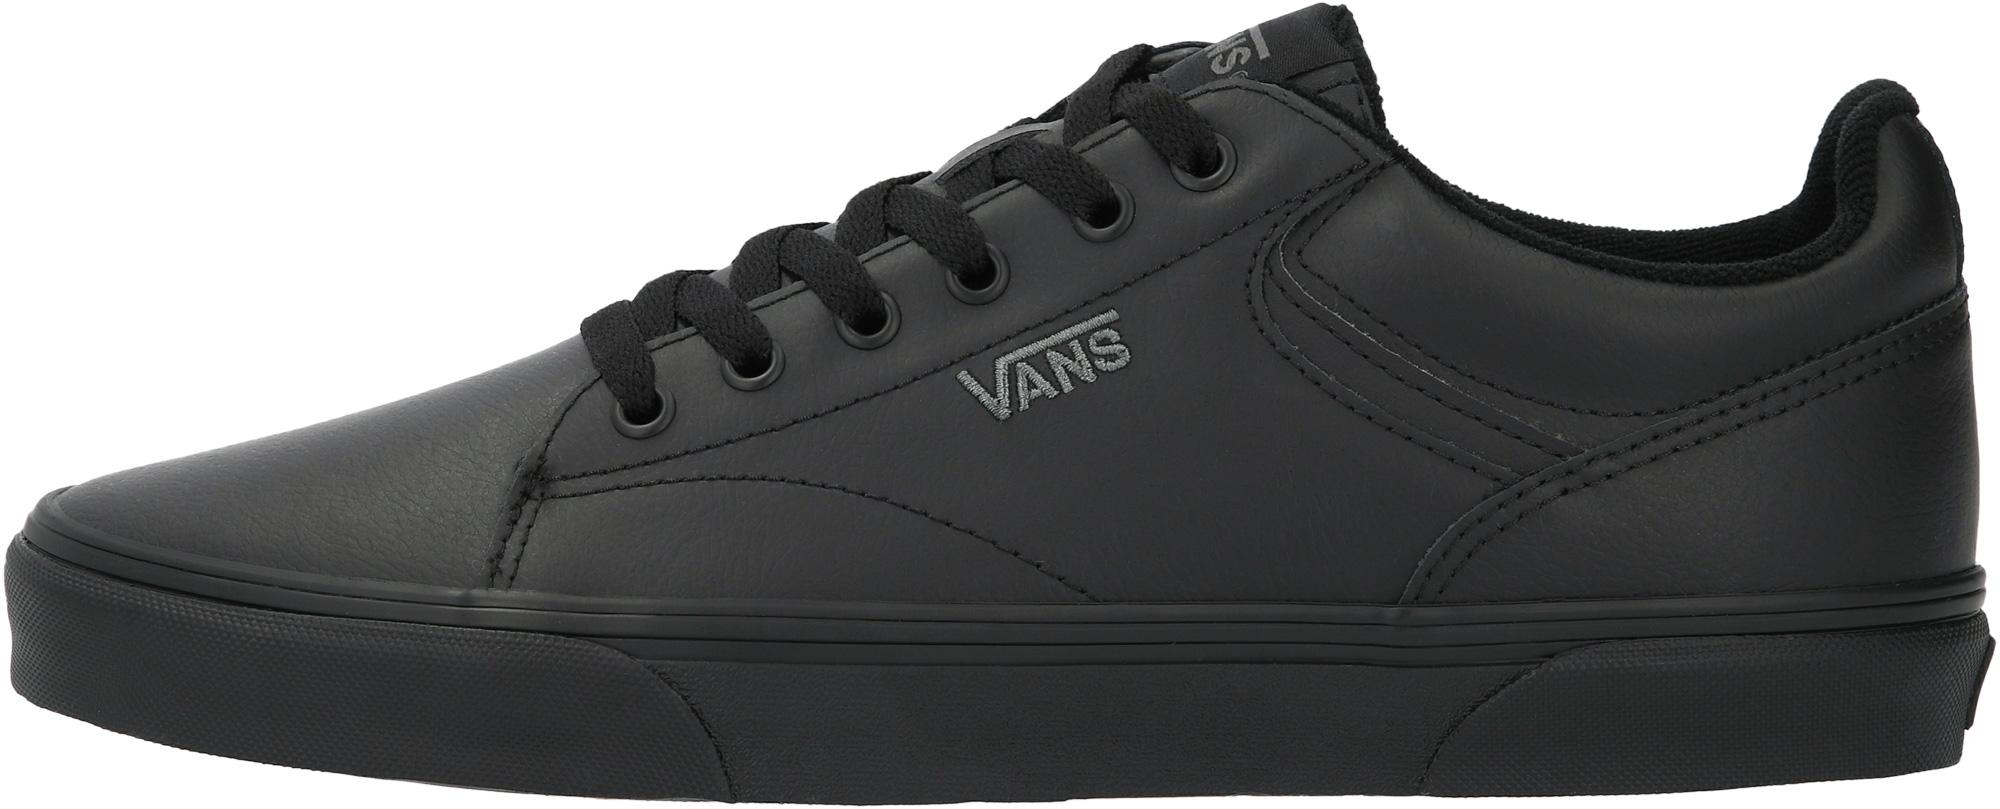 Фото - Vans Кеды мужские Vans Seldan, размер 44 кеды vans vans va984auvzs78